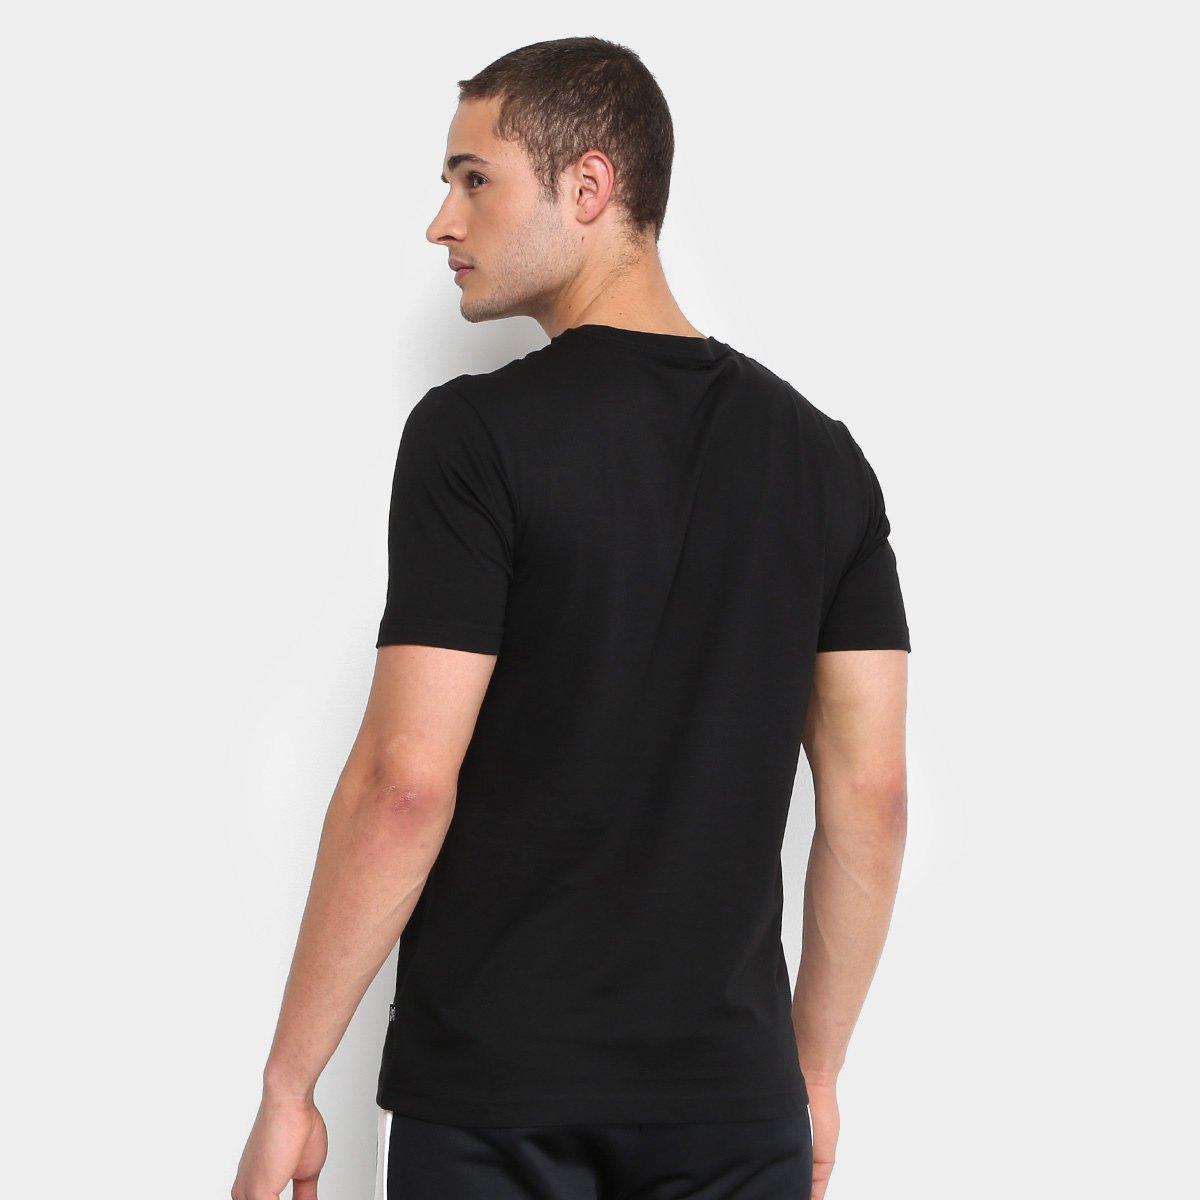 Camiseta Puma Essentials Small Logo Masculina - Preto - Compre Agora ... 1ec74da486a61